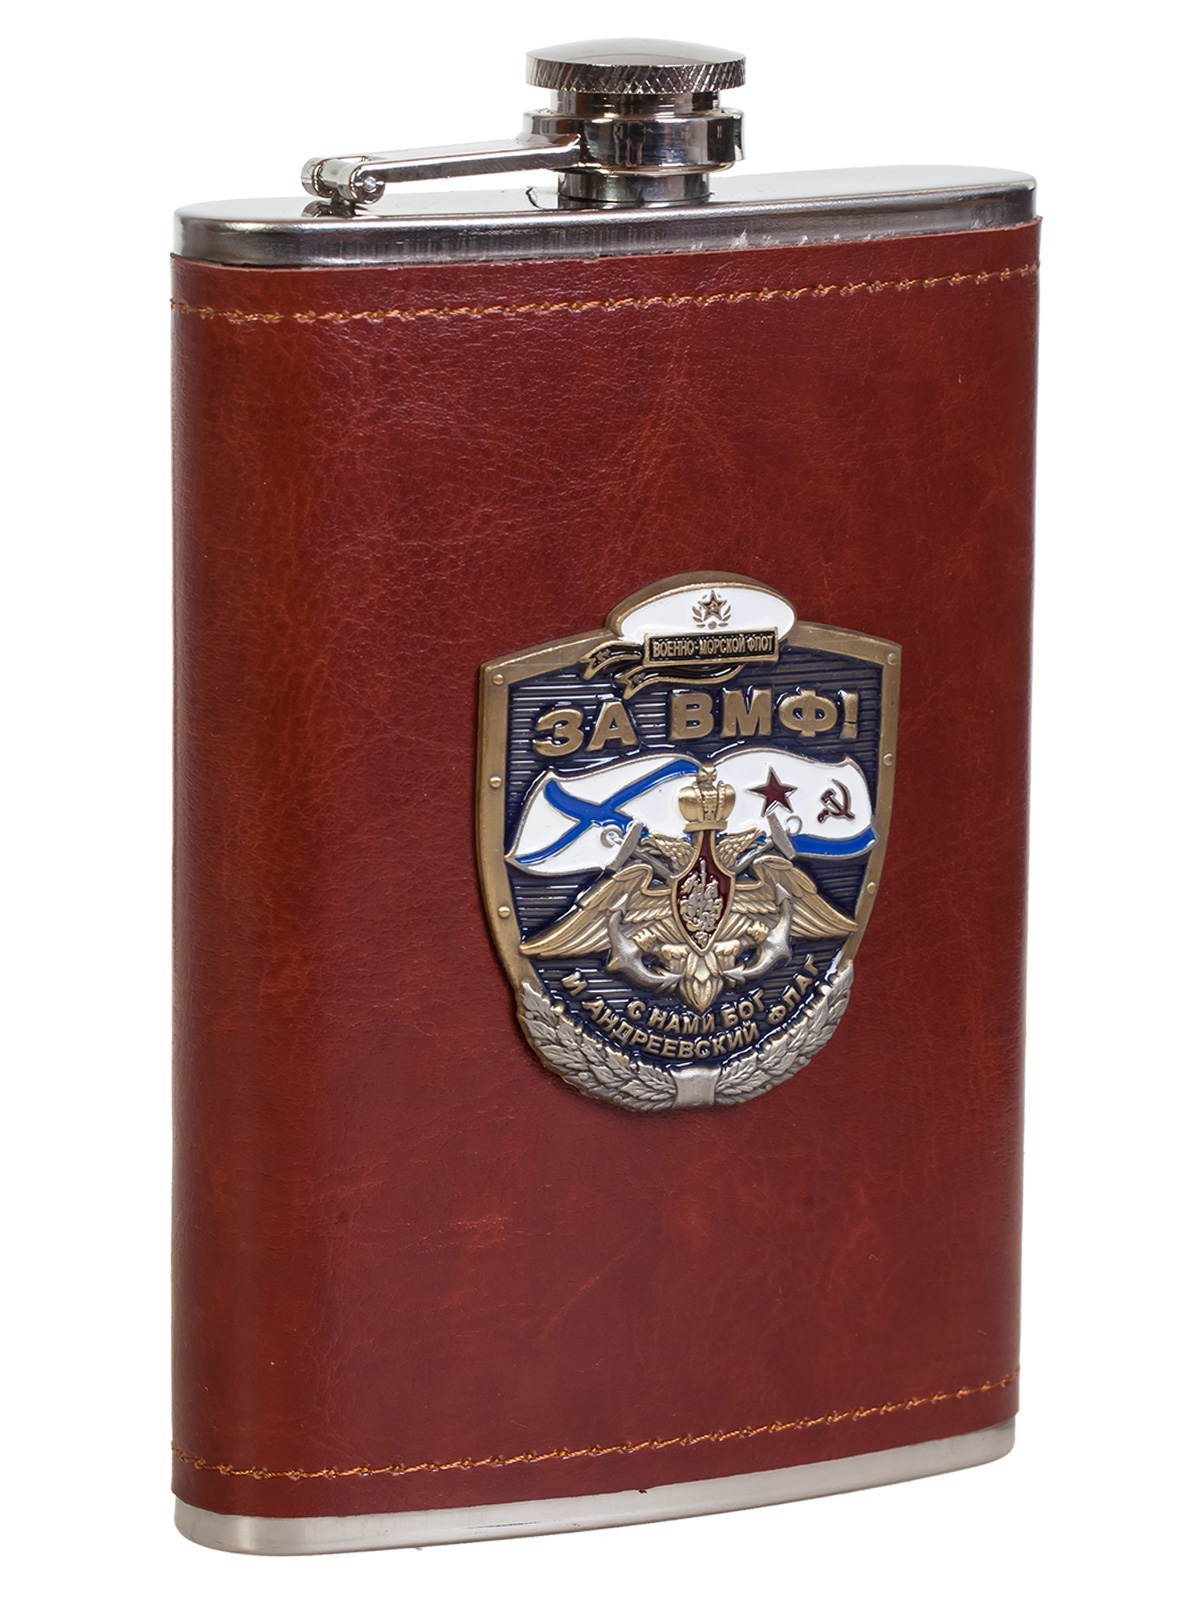 Купить крутую карманную фляжку с накладкой ВМФ в кожаном чехле онлайн выгодно